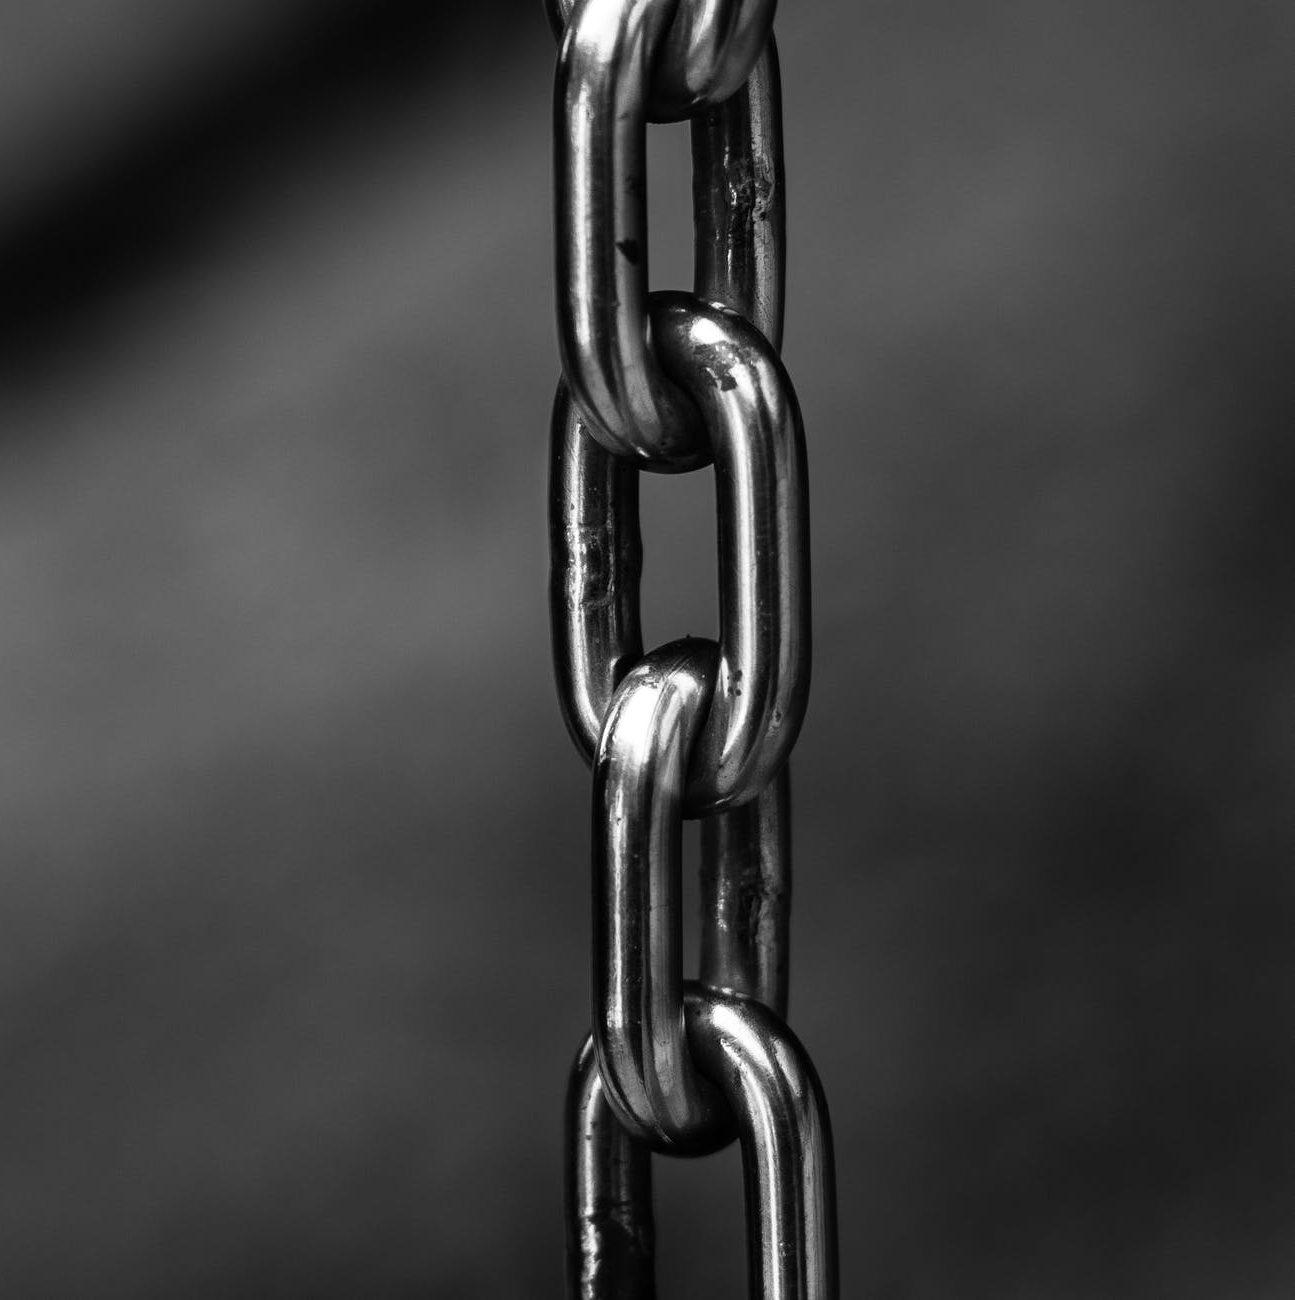 blur chains chrome close up